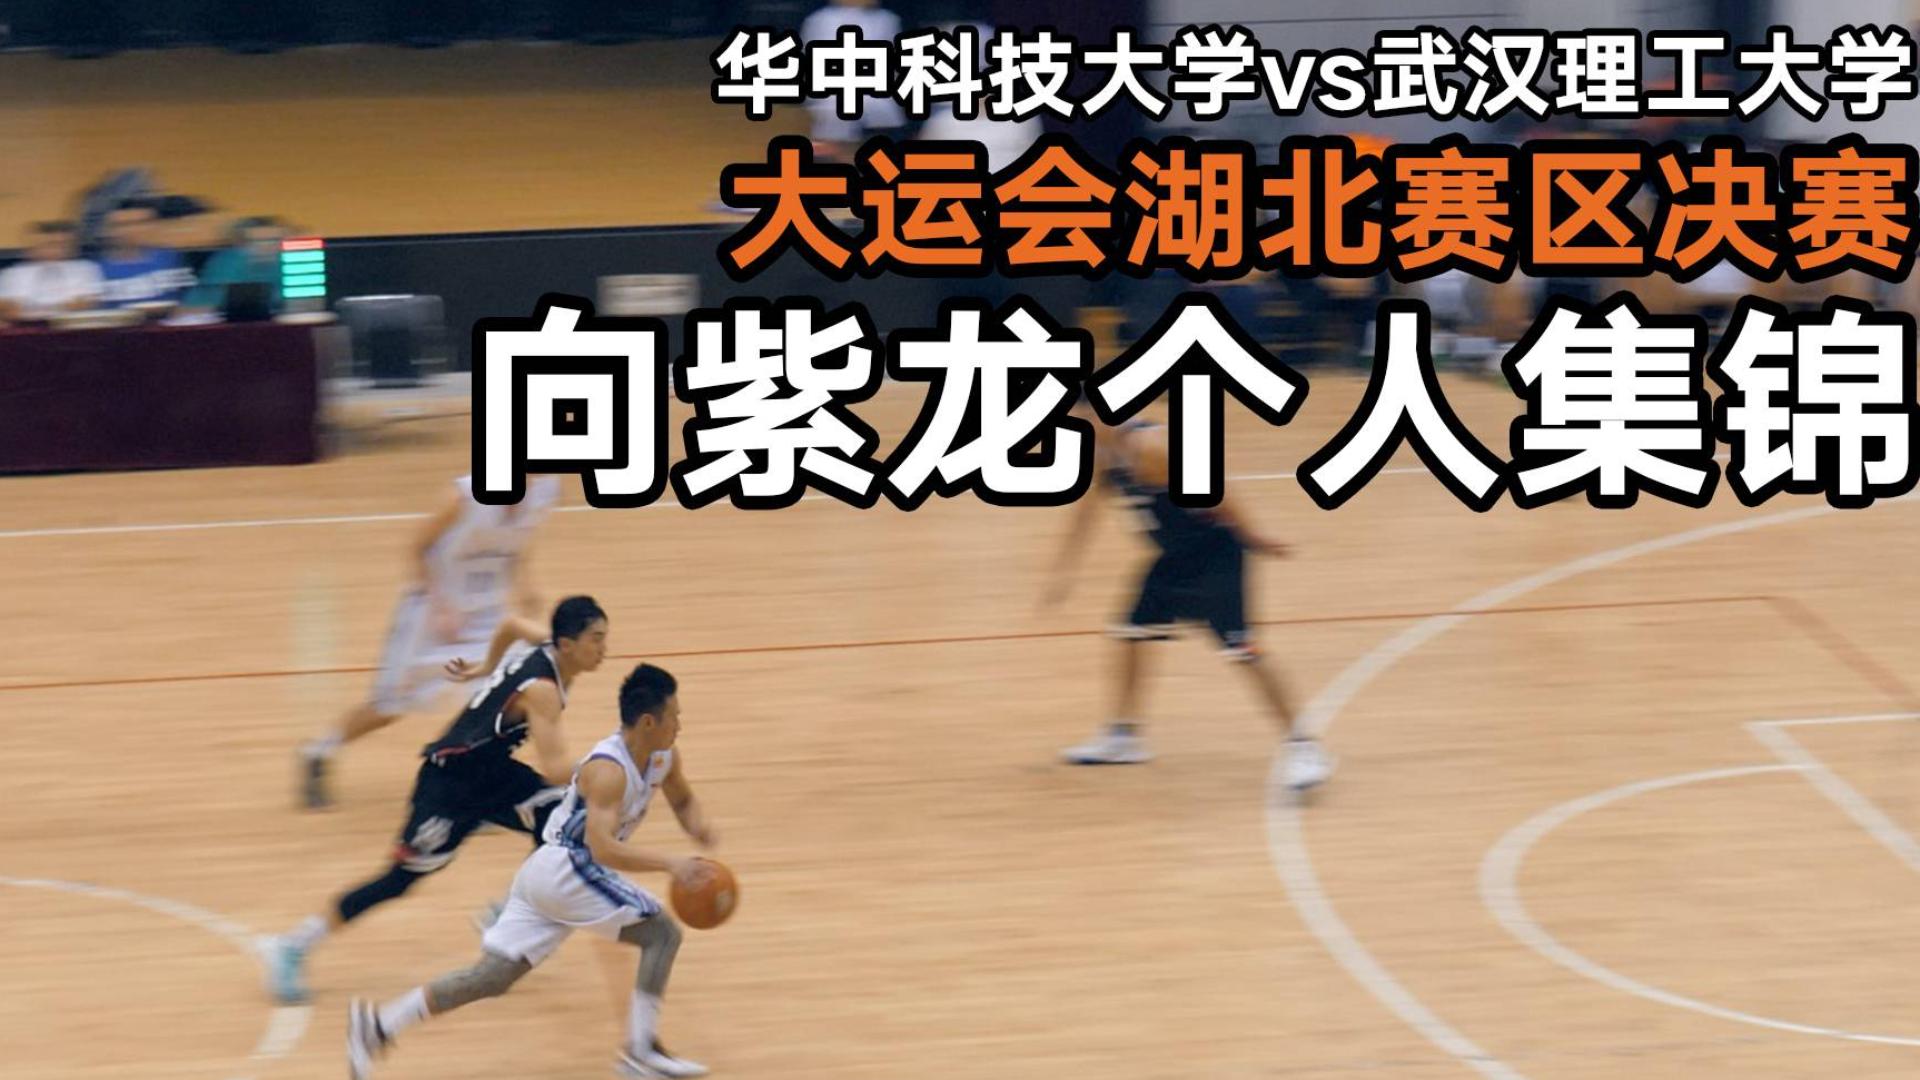 【向紫龙】大运会湖北赛区决赛个人集锦